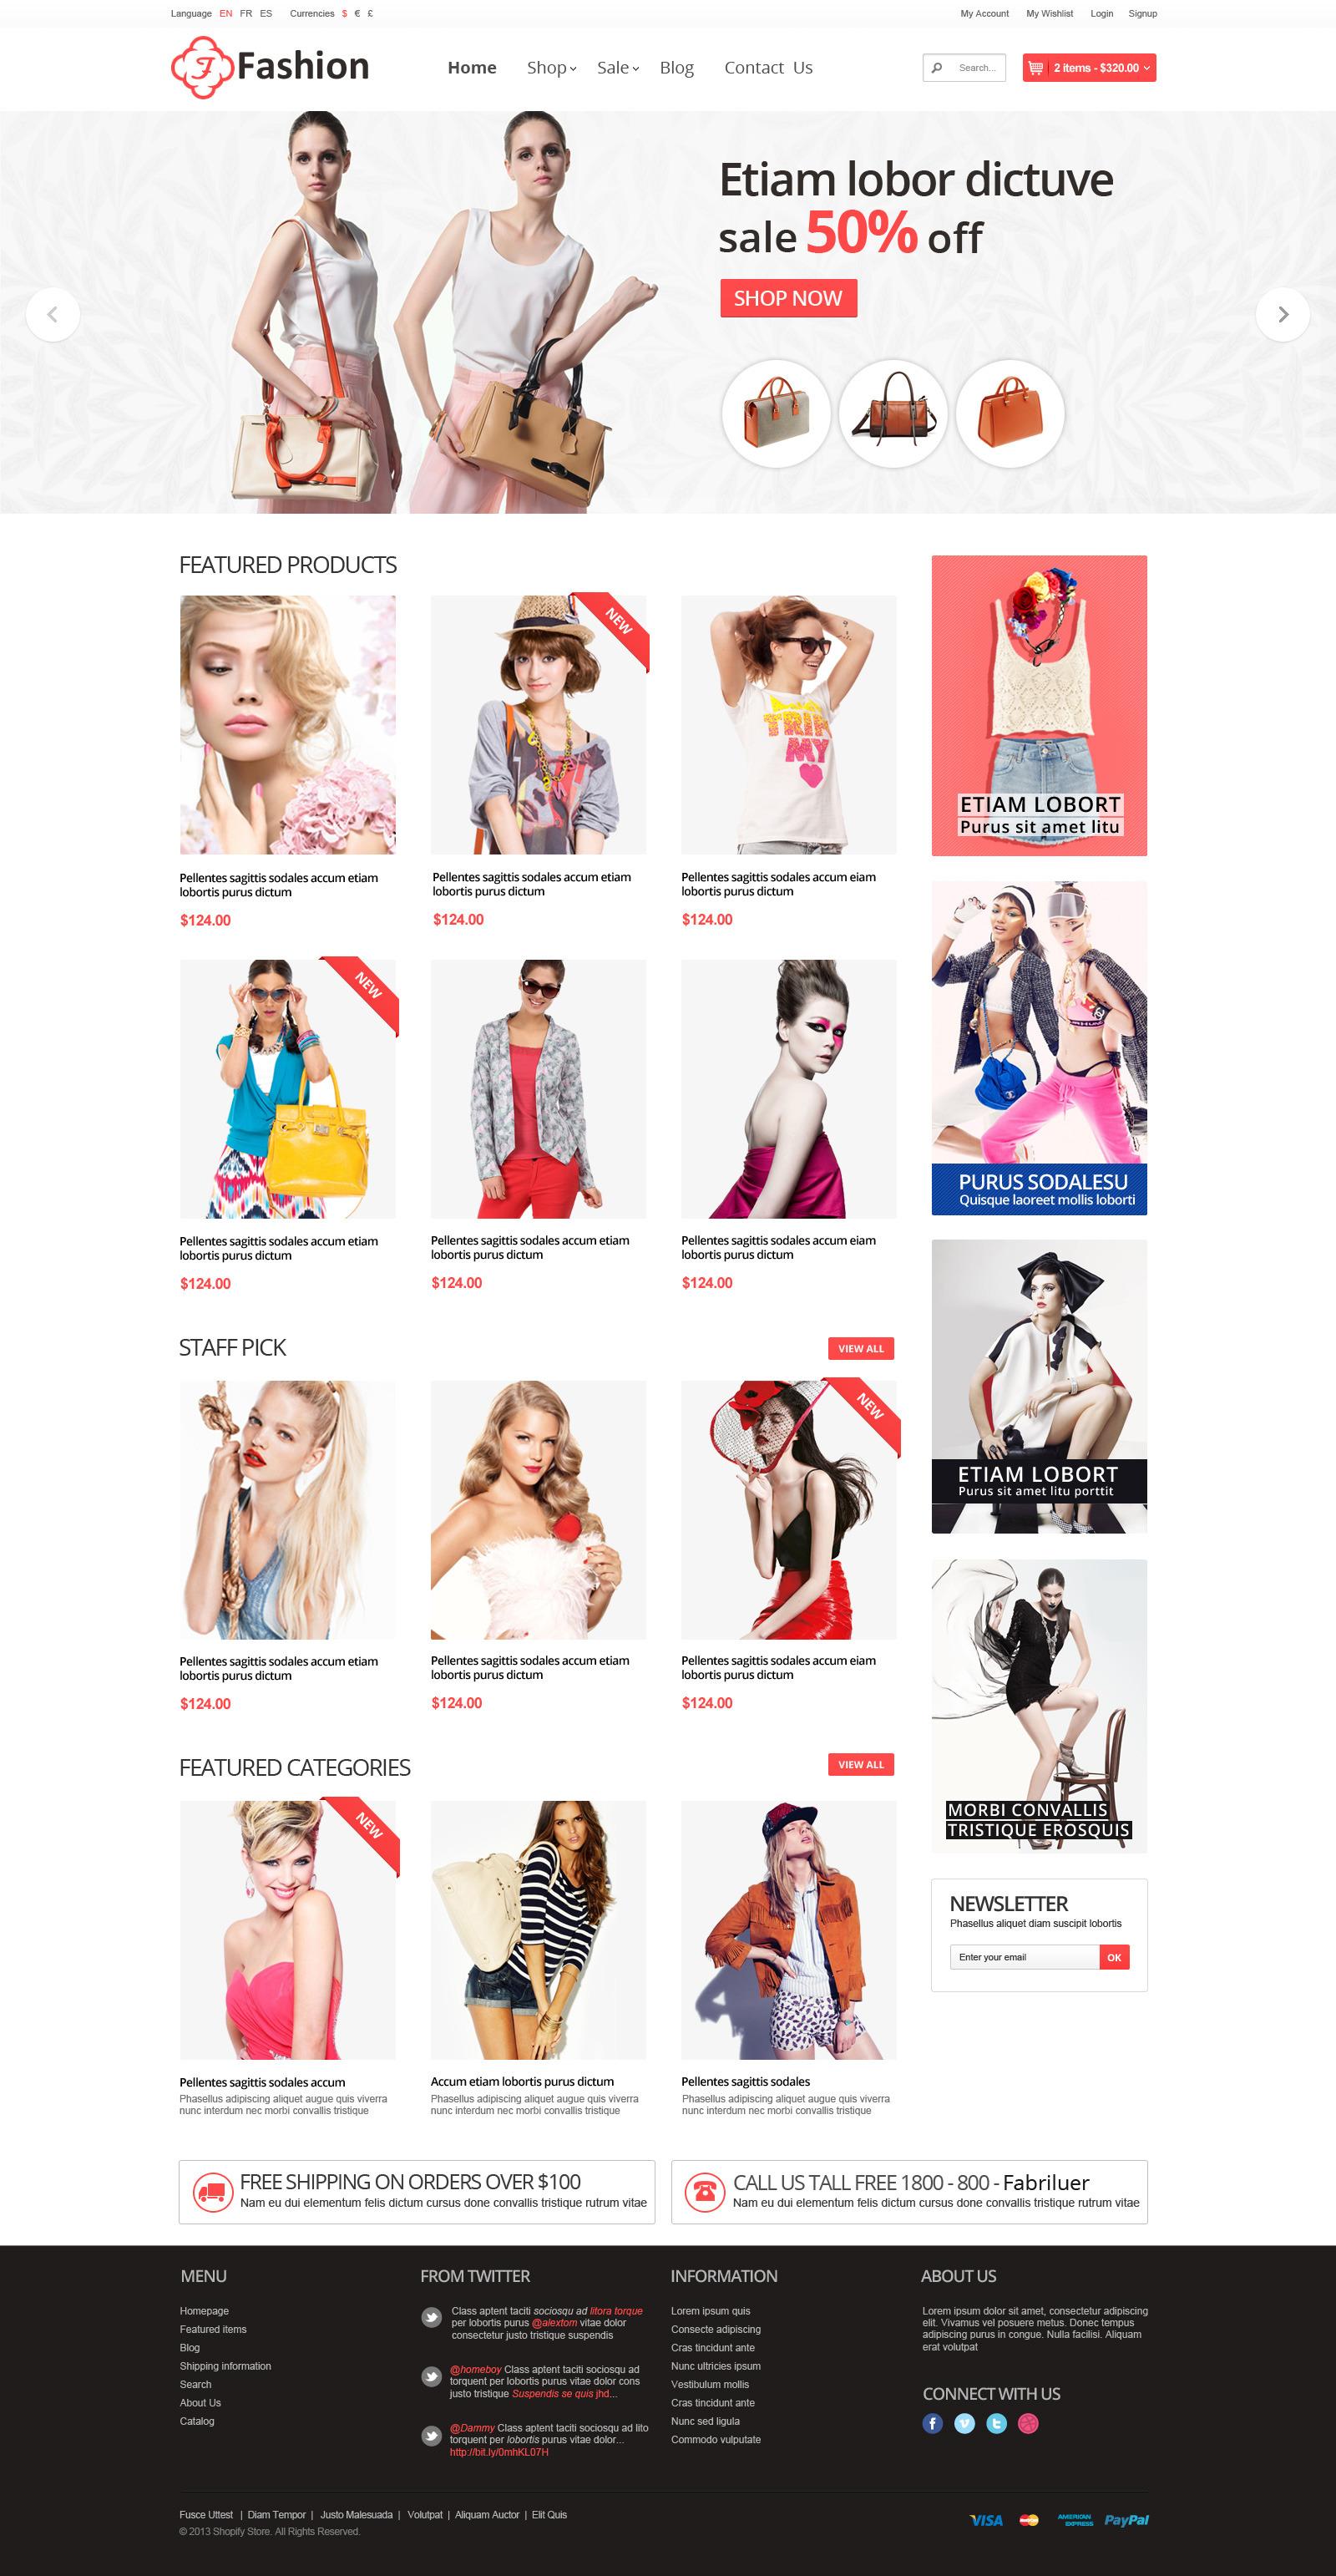 Responsive Shopify Theme - Fashion